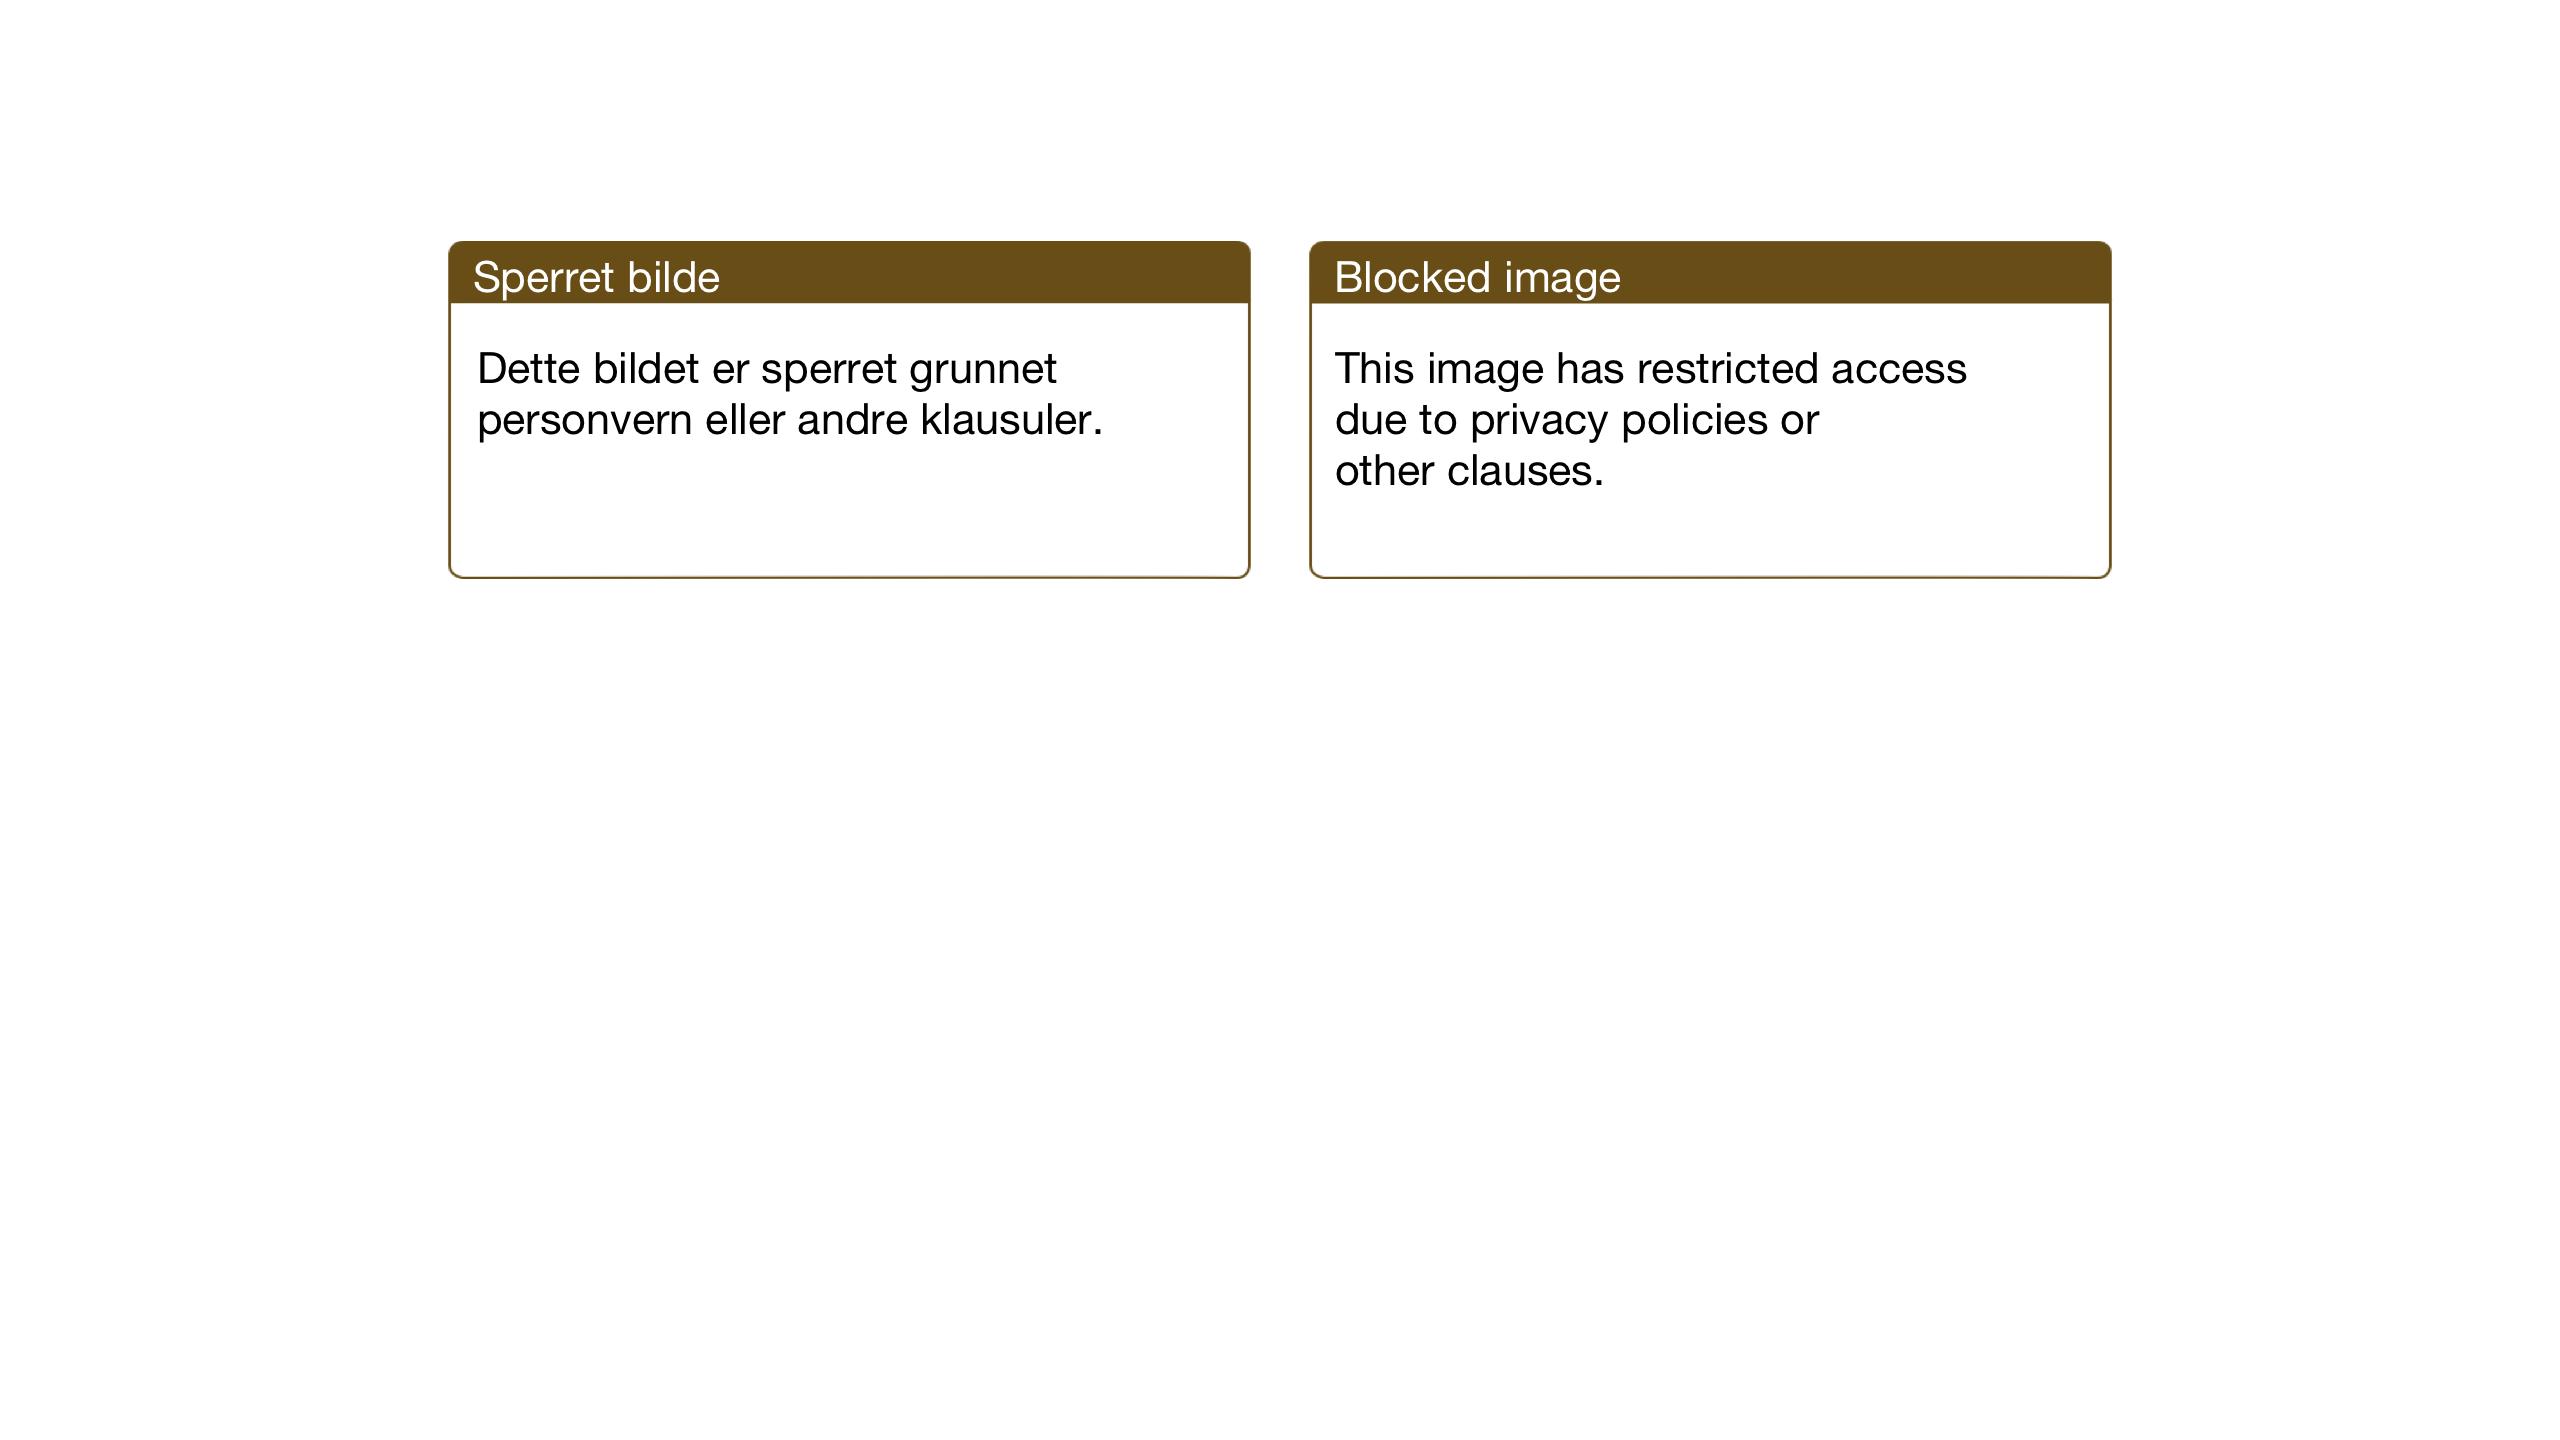 SAT, Ministerialprotokoller, klokkerbøker og fødselsregistre - Sør-Trøndelag, 669/L0832: Klokkerbok nr. 669C02, 1925-1953, s. 62